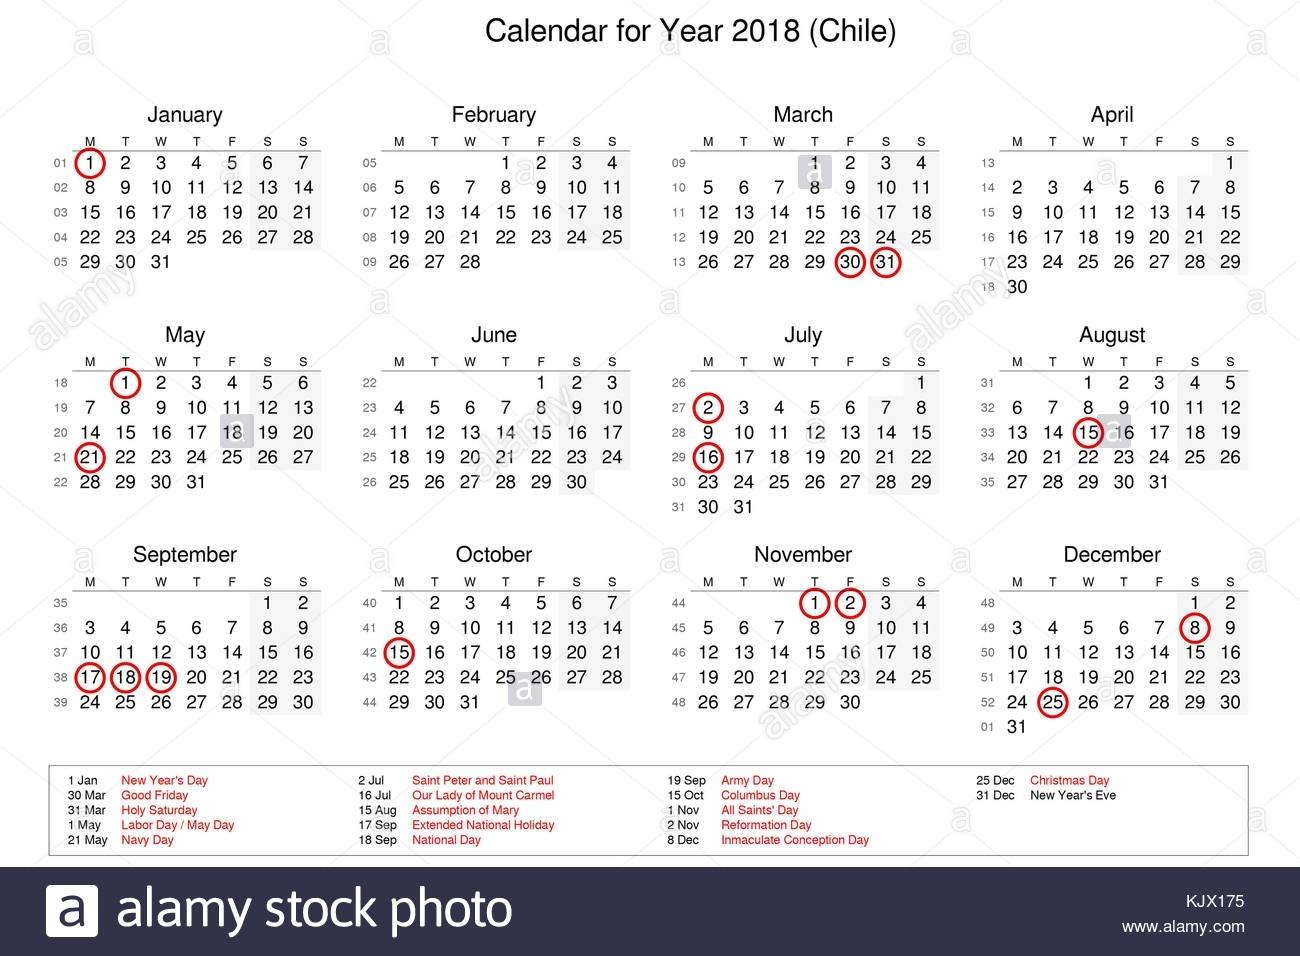 Calendario Del Año 2018 Con Los Feriados Y Días Festivos Para Chile regarding Calendarios 17 Feriados En Chile